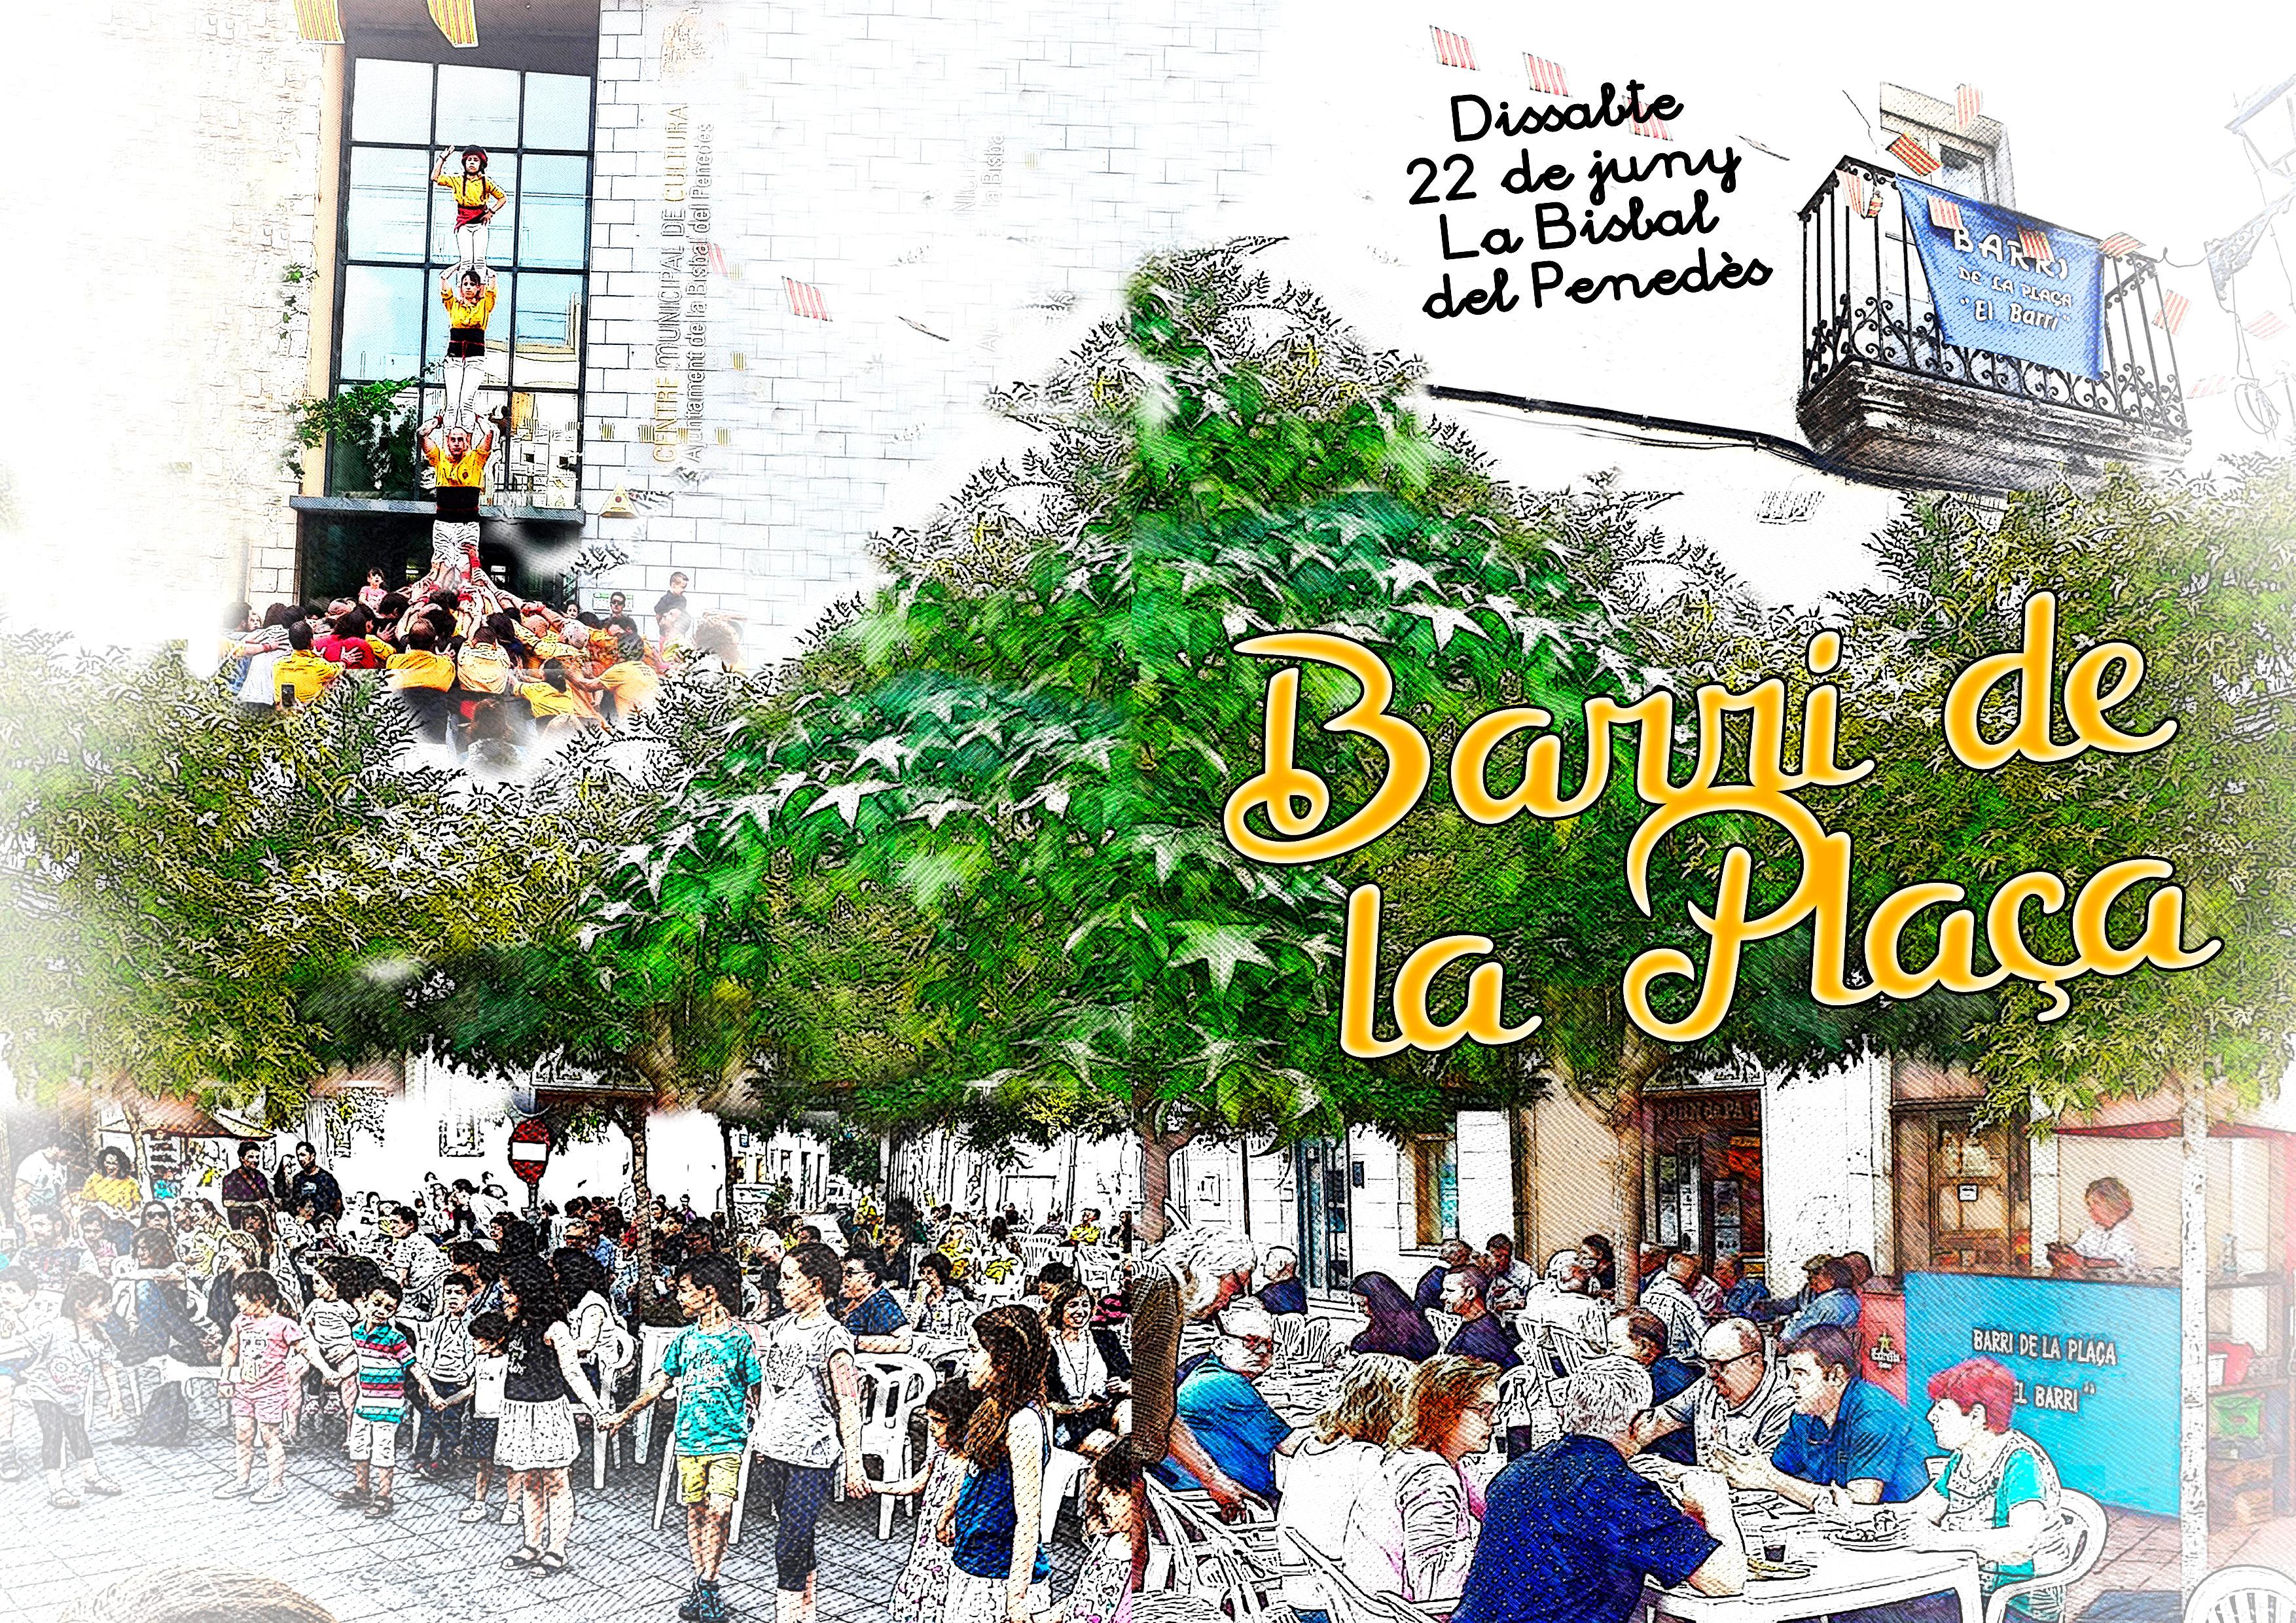 Aquest dissabte 22 de juny se celebra la festa del Pa Beneït del barri de la Plaça